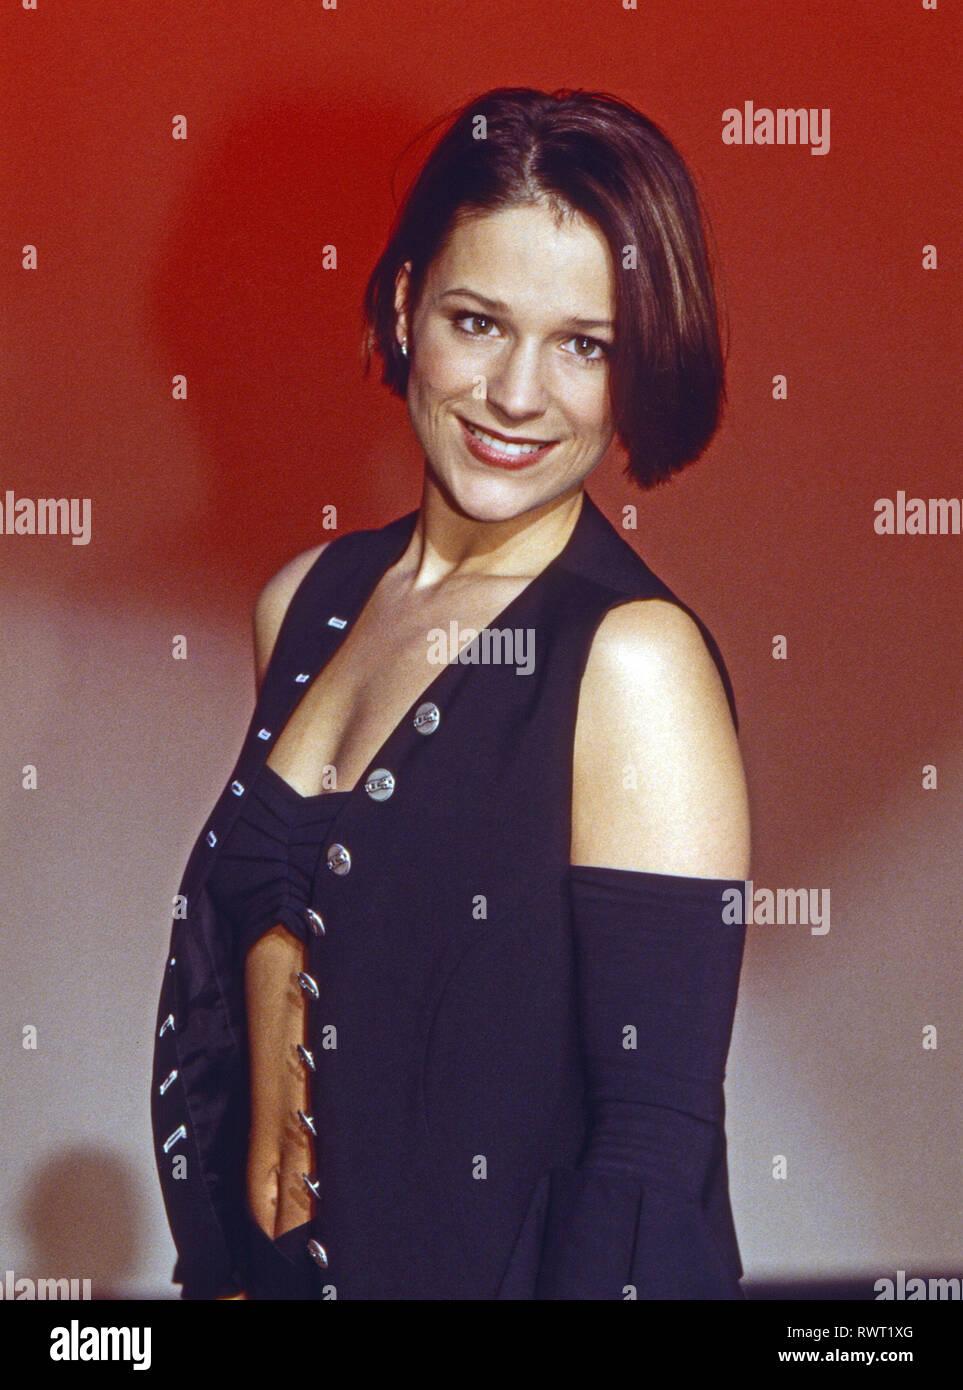 Michelle Deutsche Schlagersangerin In Der Fernsehshow Wunschbox Deutschland 1996 German Schlager Singer Michelle In A German Tv Show Germany 1996 Stock Photo Alamy